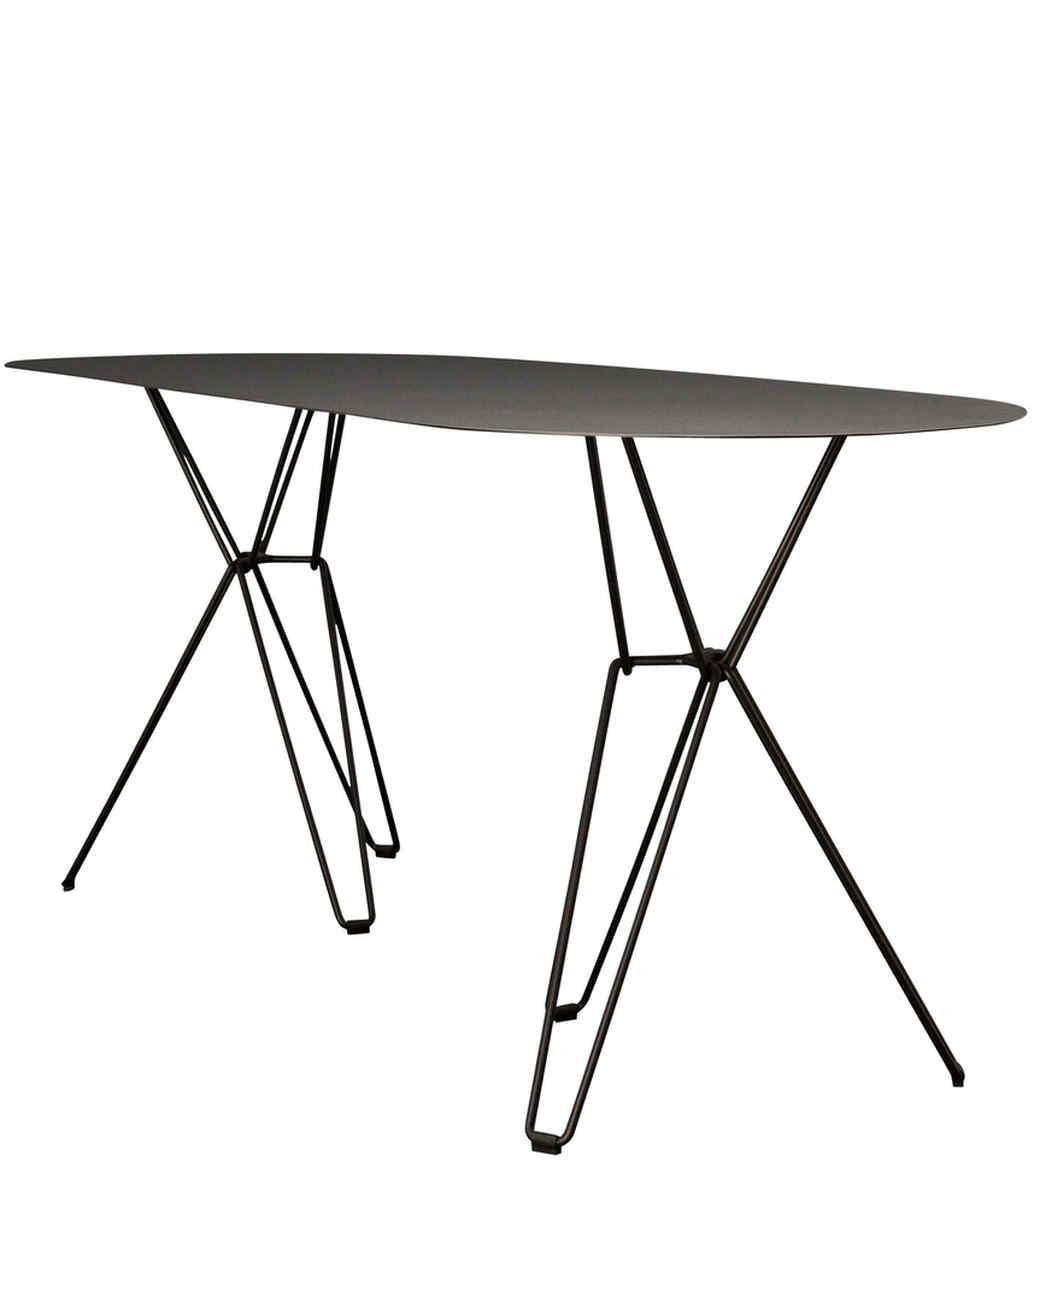 a-plus-r-table.jpg